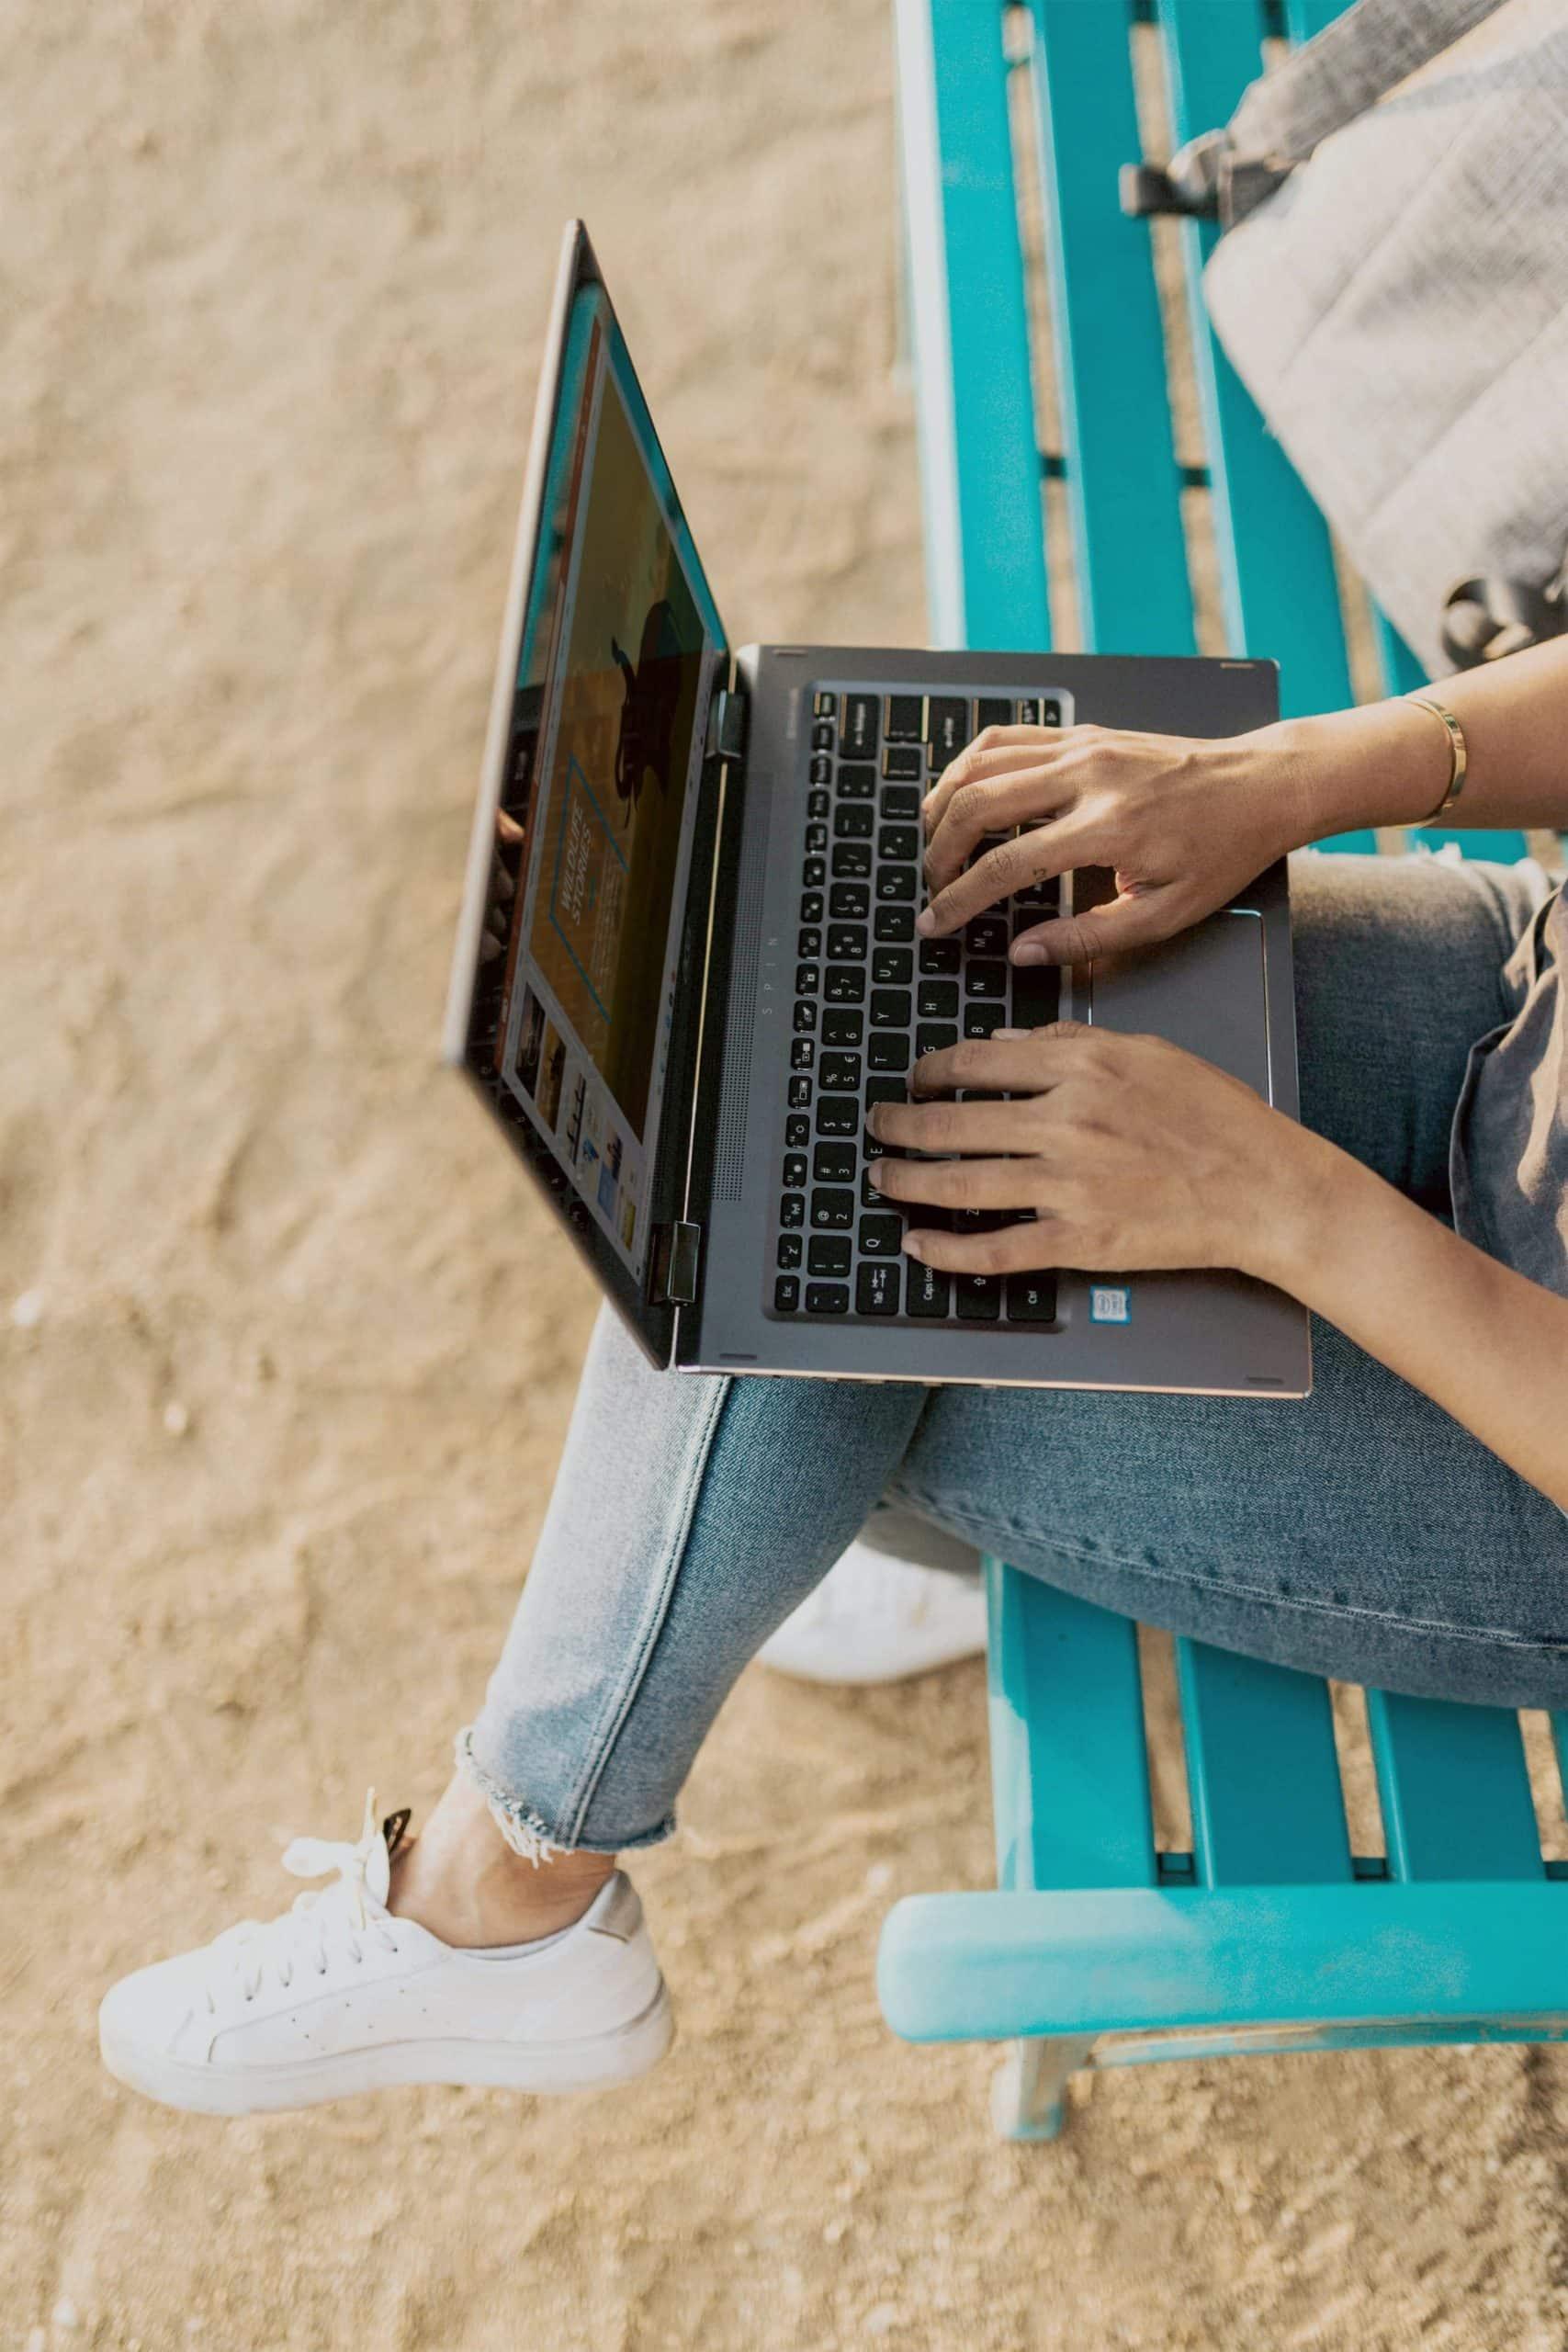 Mac Superior Windows Article Image